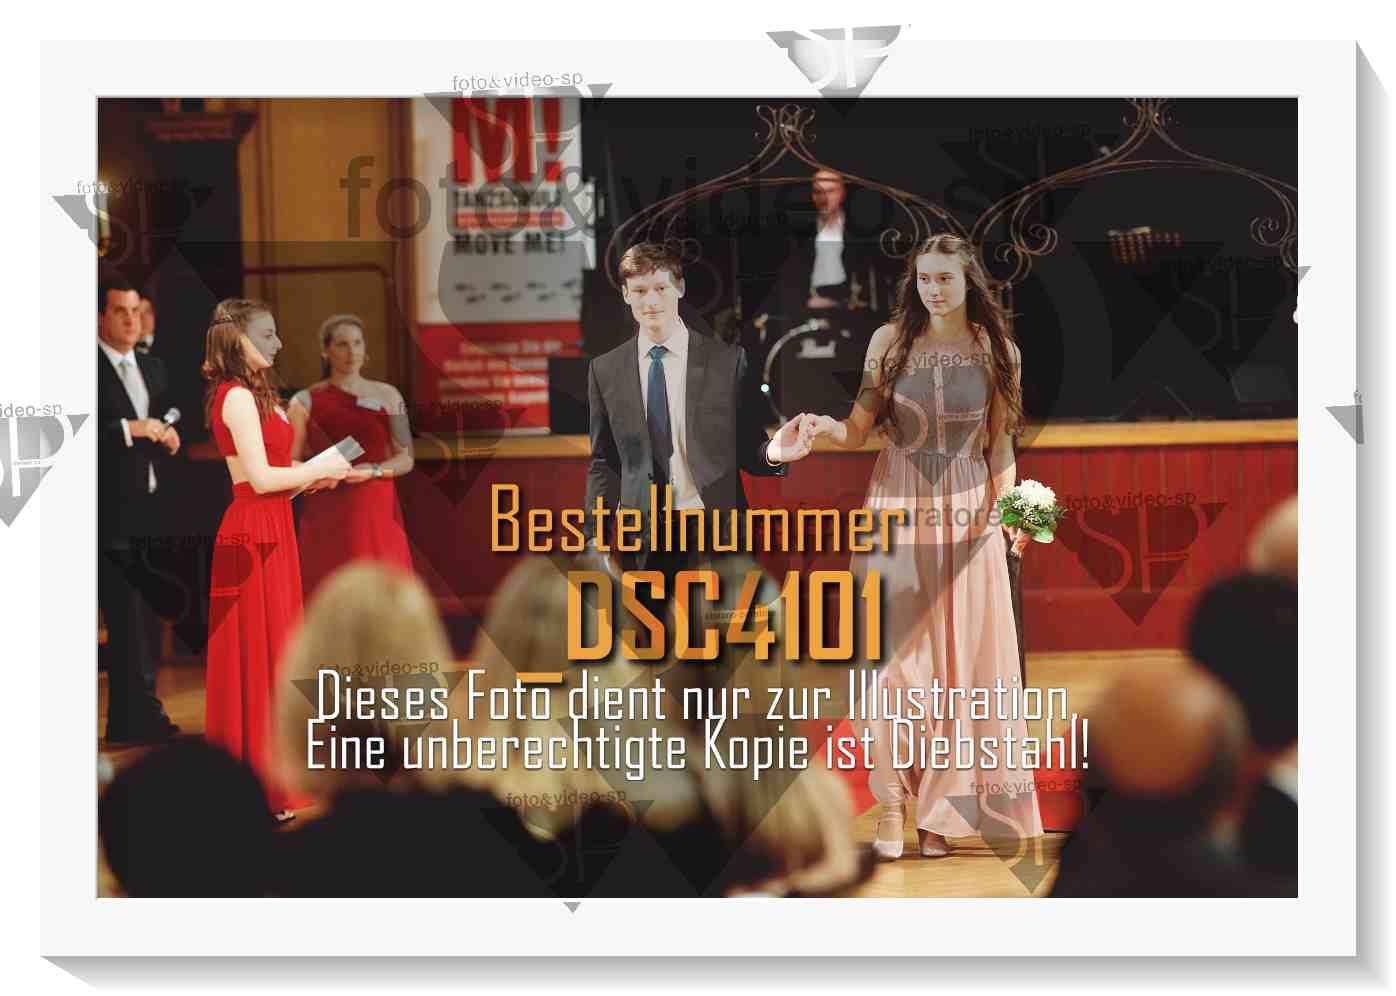 DSC4101